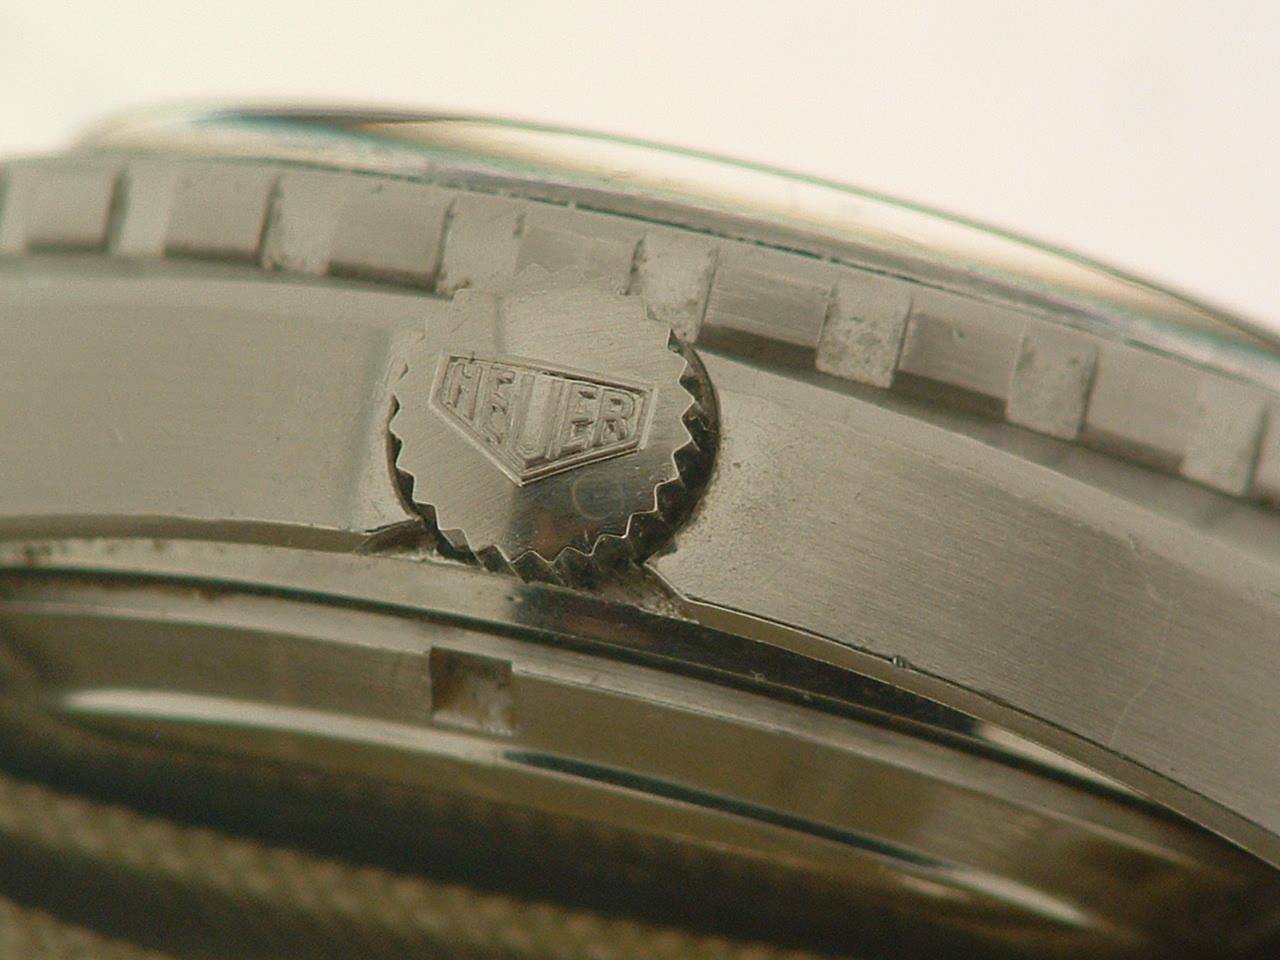 Lot 26 - HEUER. Orologio da uomo in acciaio, modello Autavia, crono movimento Leonidas. Quadrante originale a